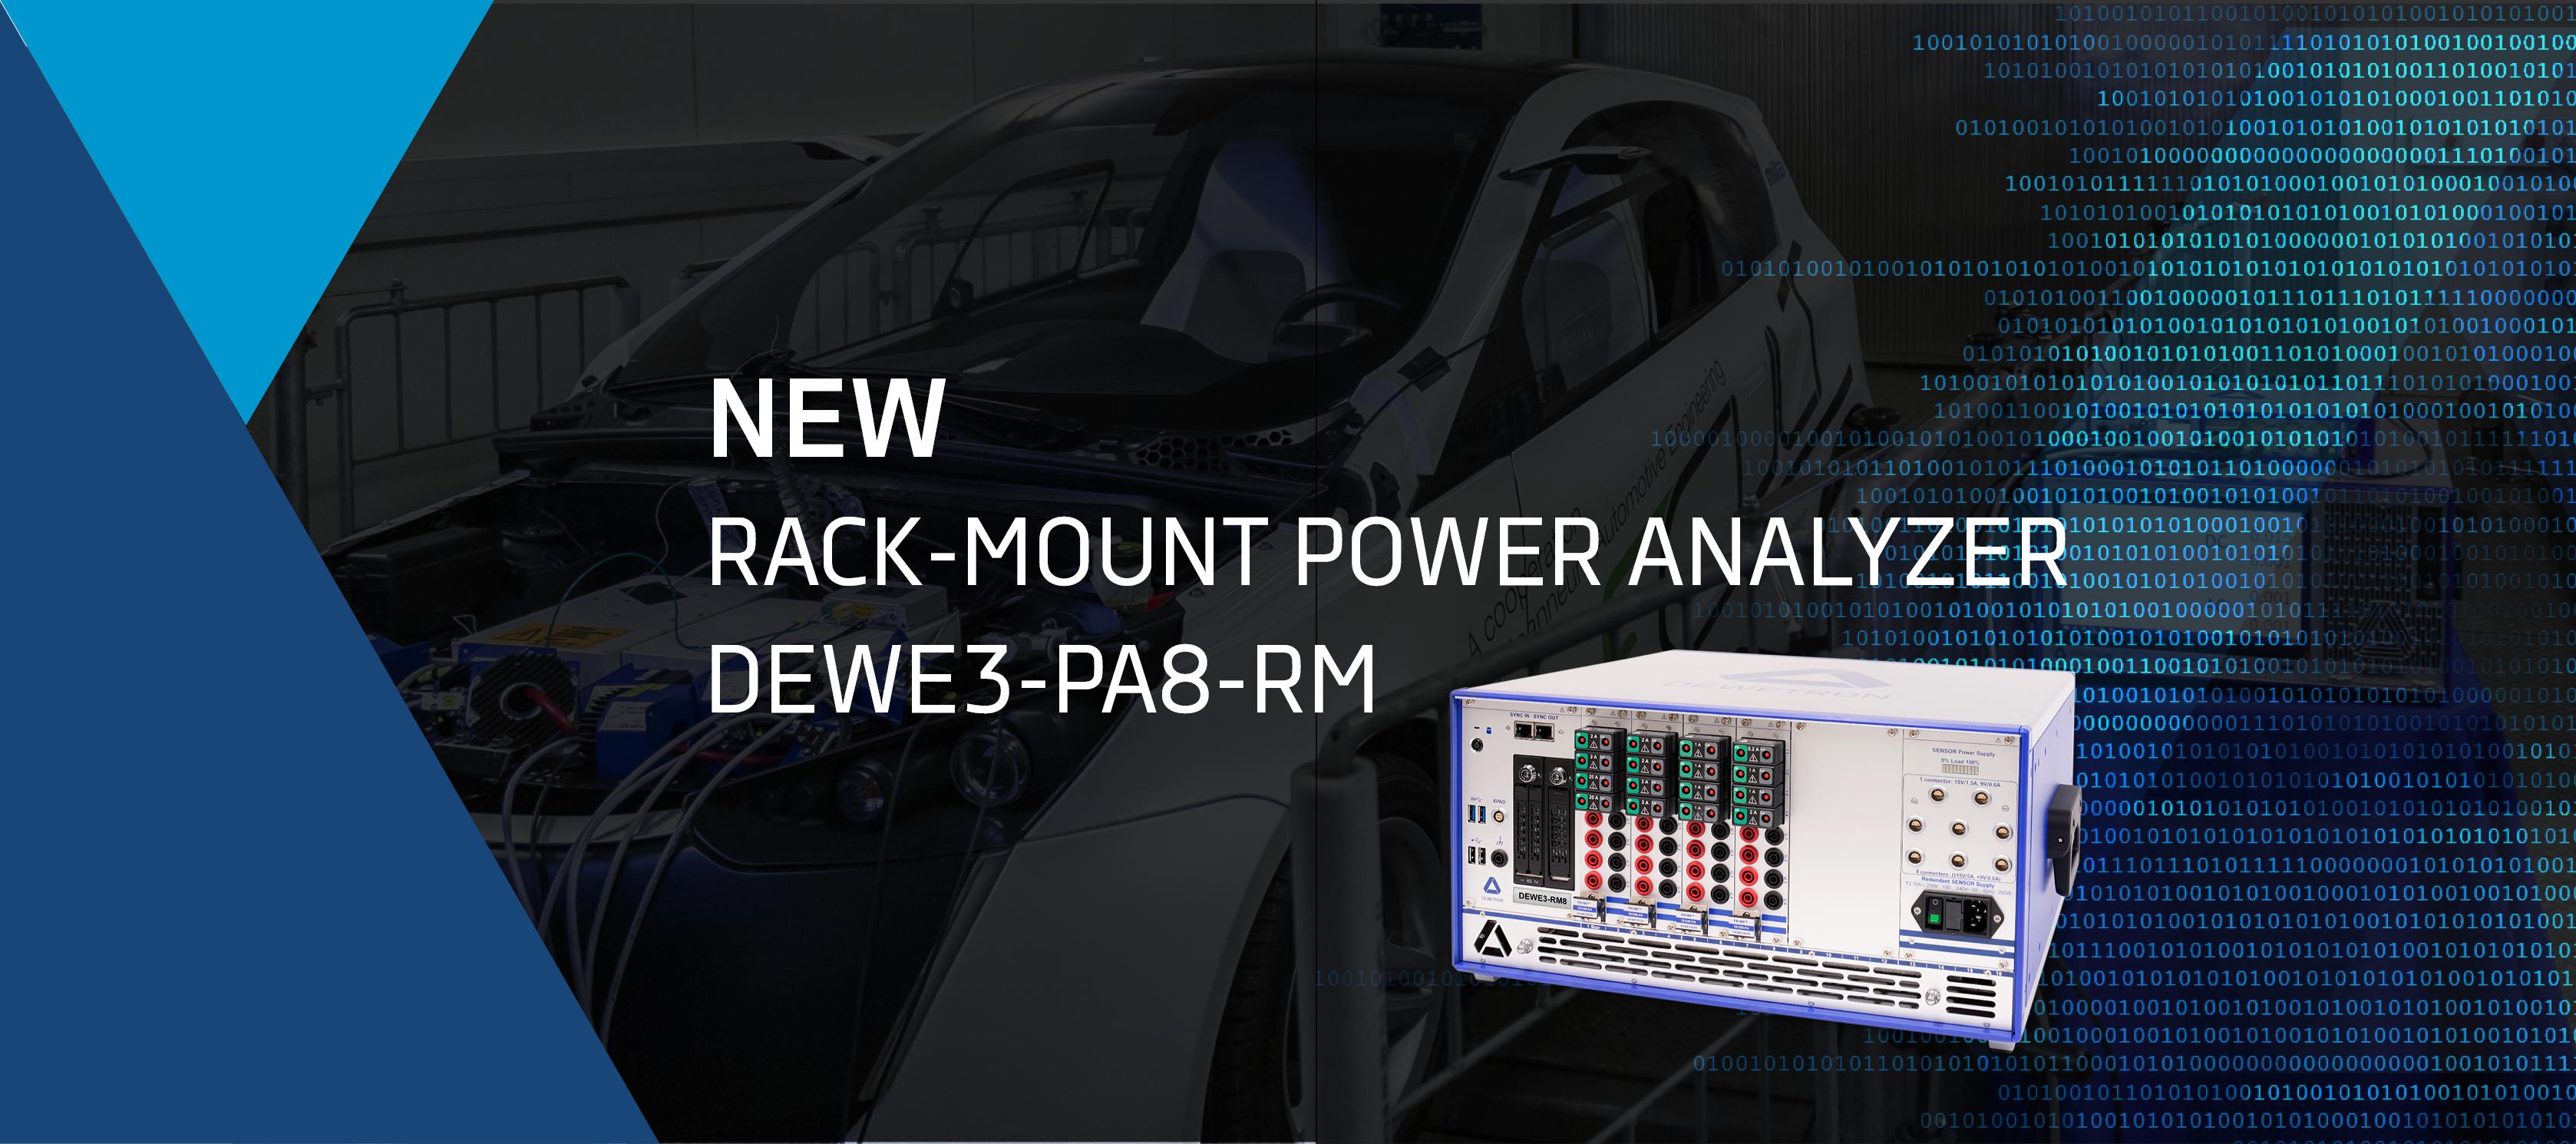 rack-mount-power-analyzer-dewe3-pa8-rm